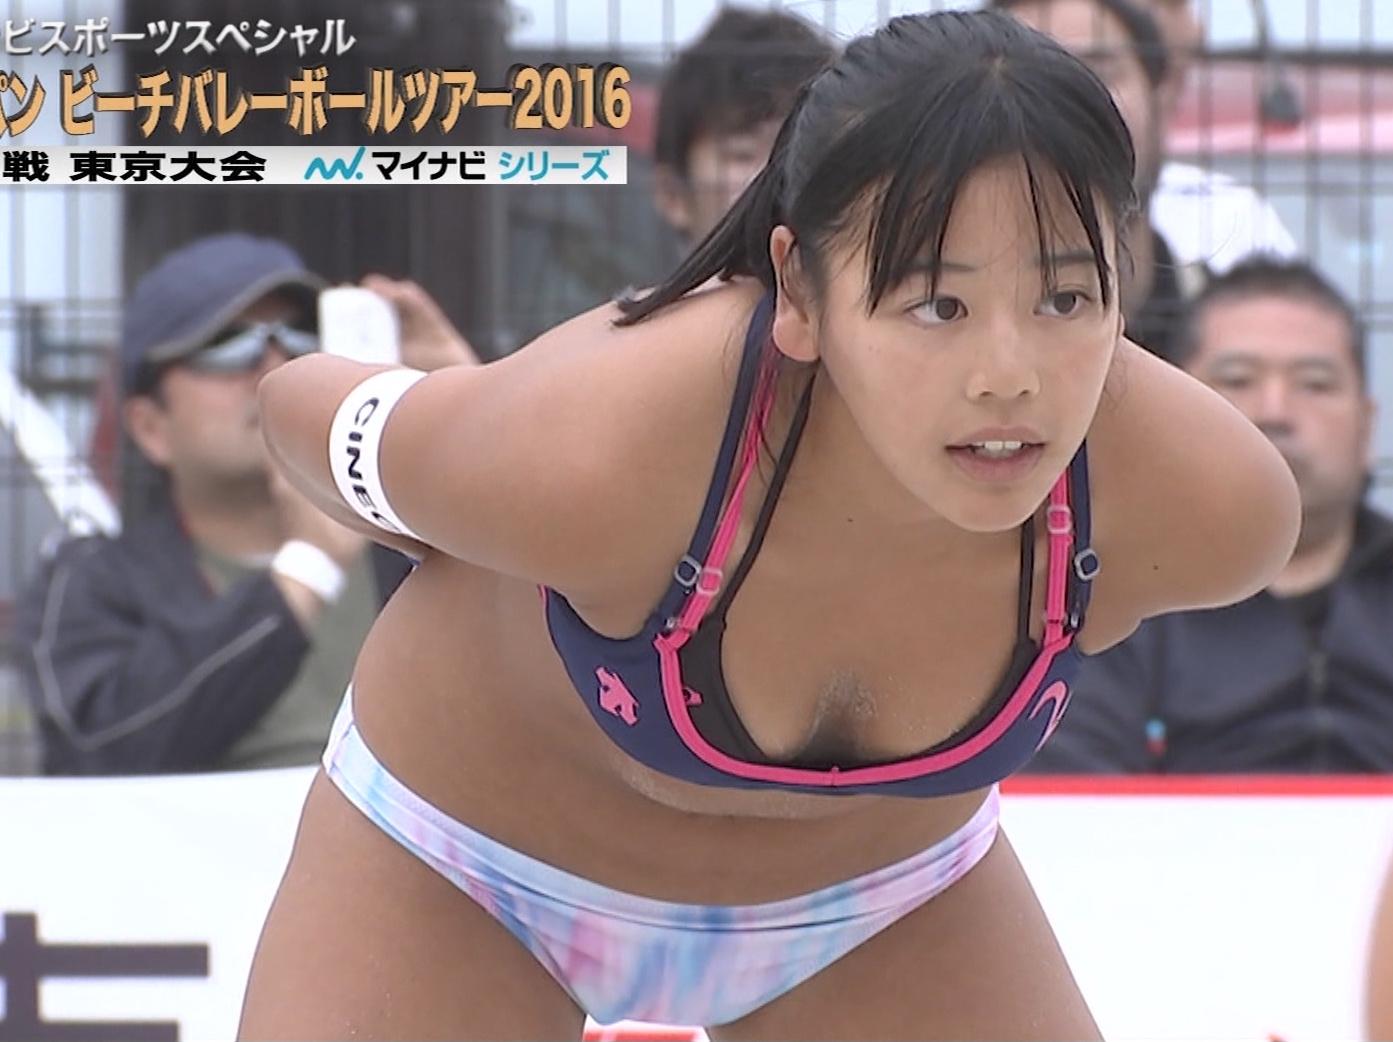 【画像】エッチスポーツNo.1はビーチバレーで異論ないよな?